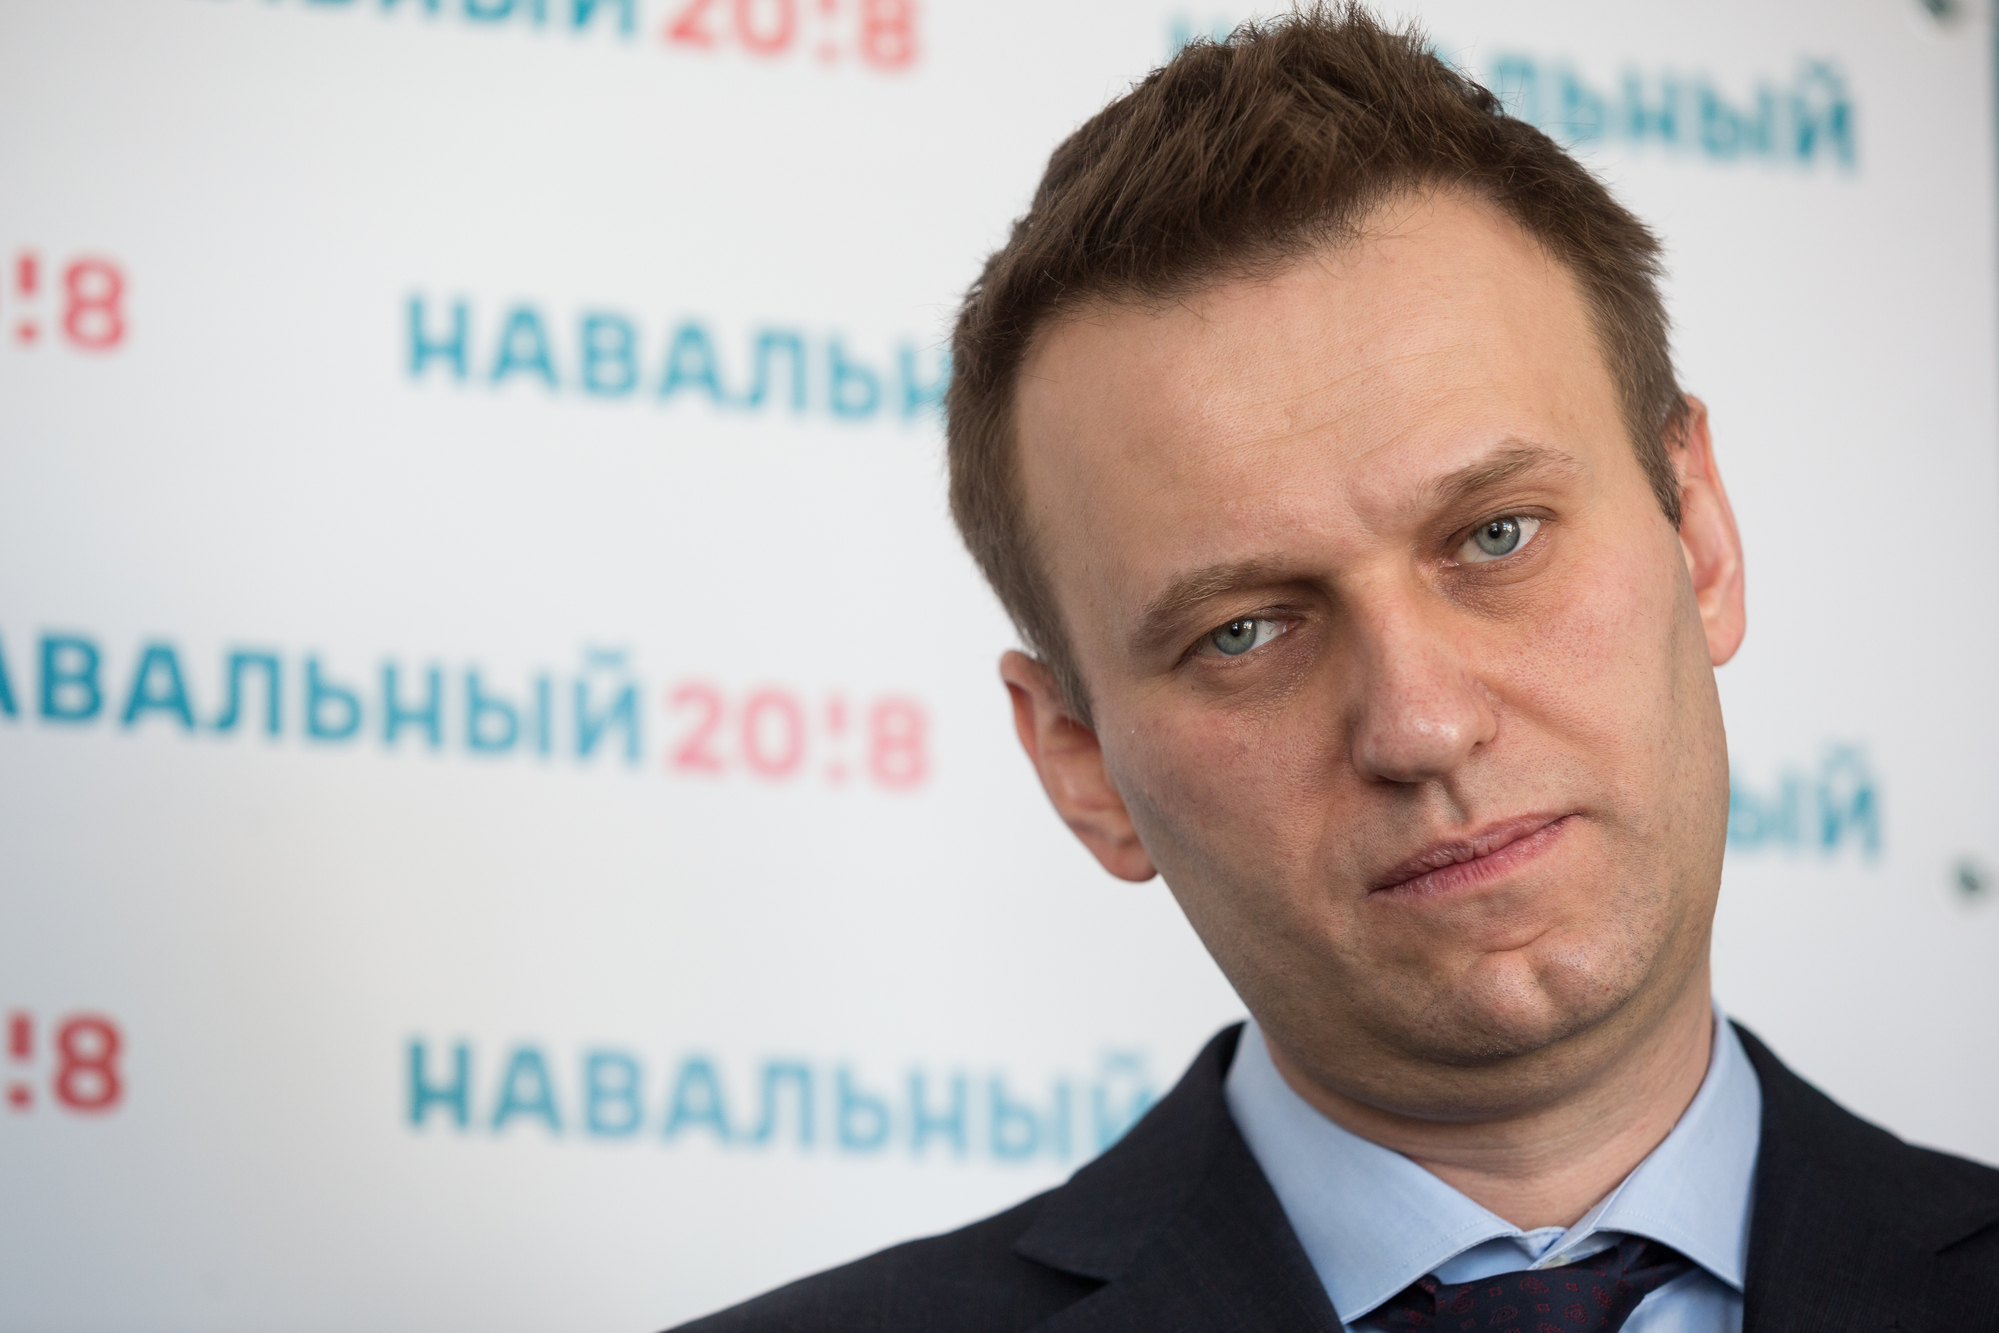 Песков: Путин лично занялся вопросом вывоза Навального, так как тот не мог покидать РФ